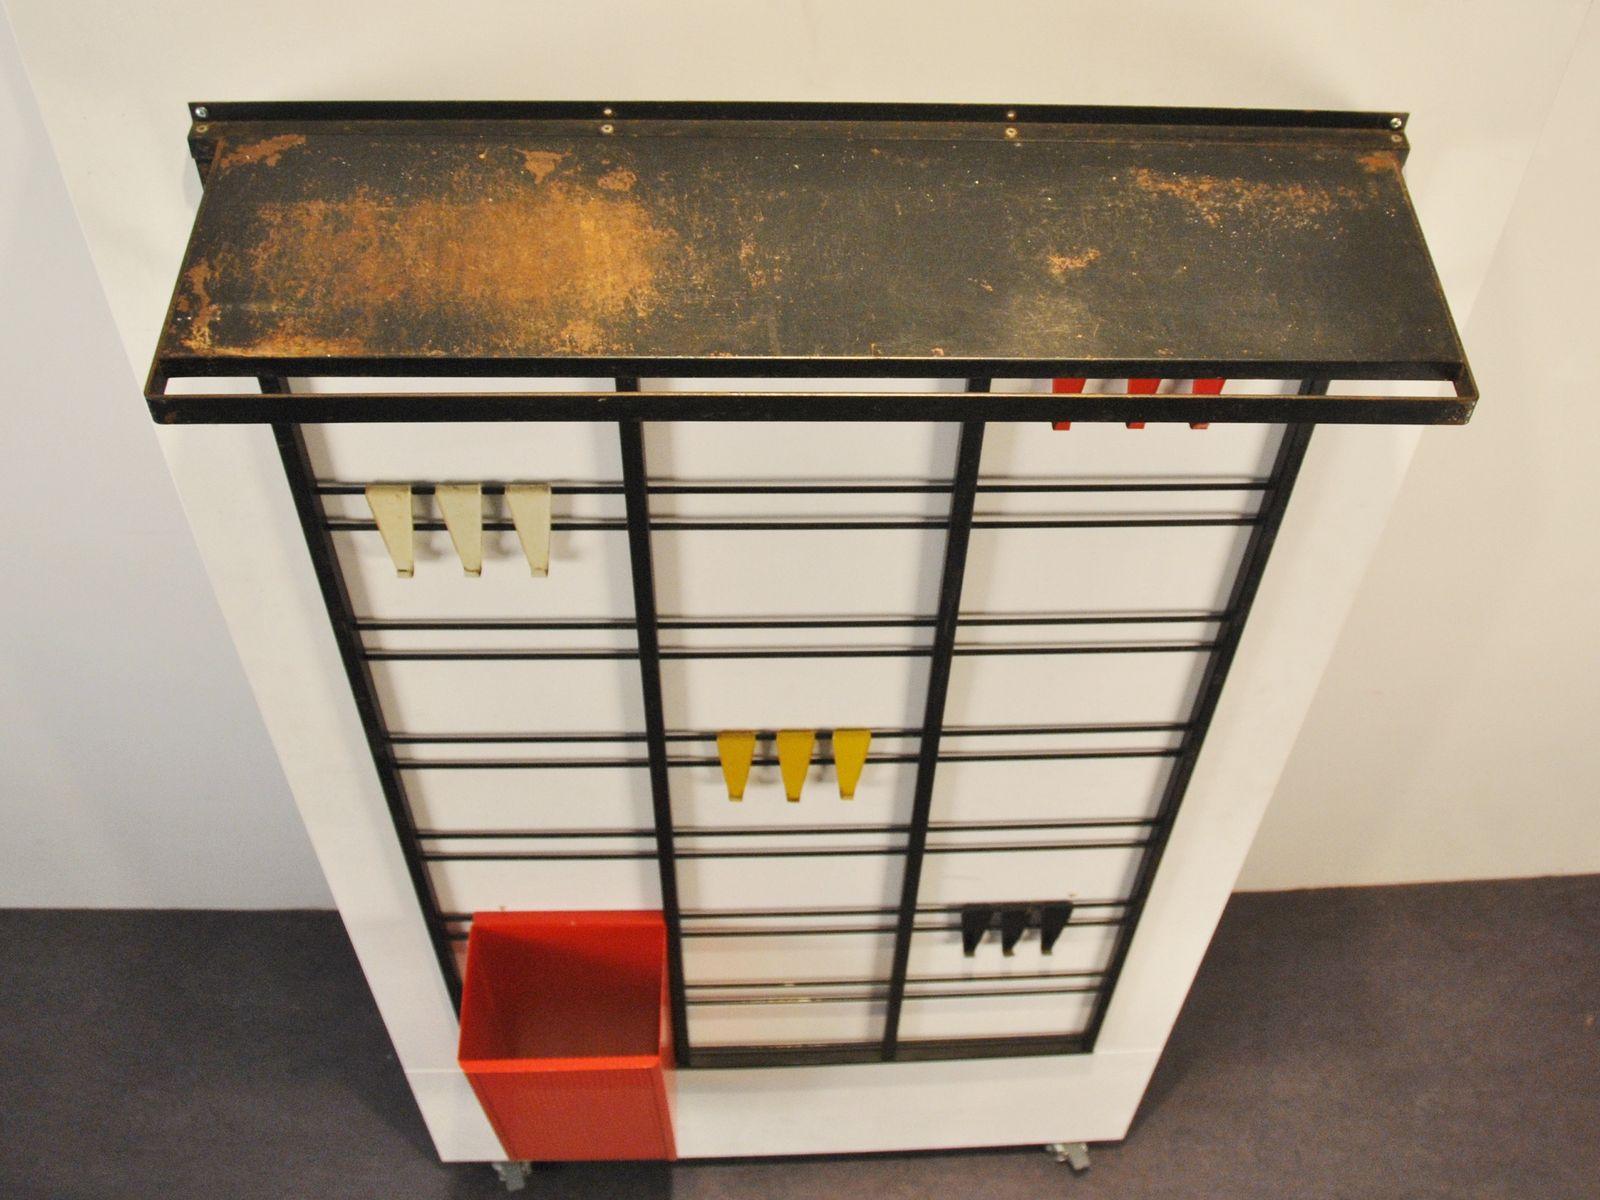 Servo muto coatrack by tjerk reijenga for pilastro 1950s - Servo muto design ...